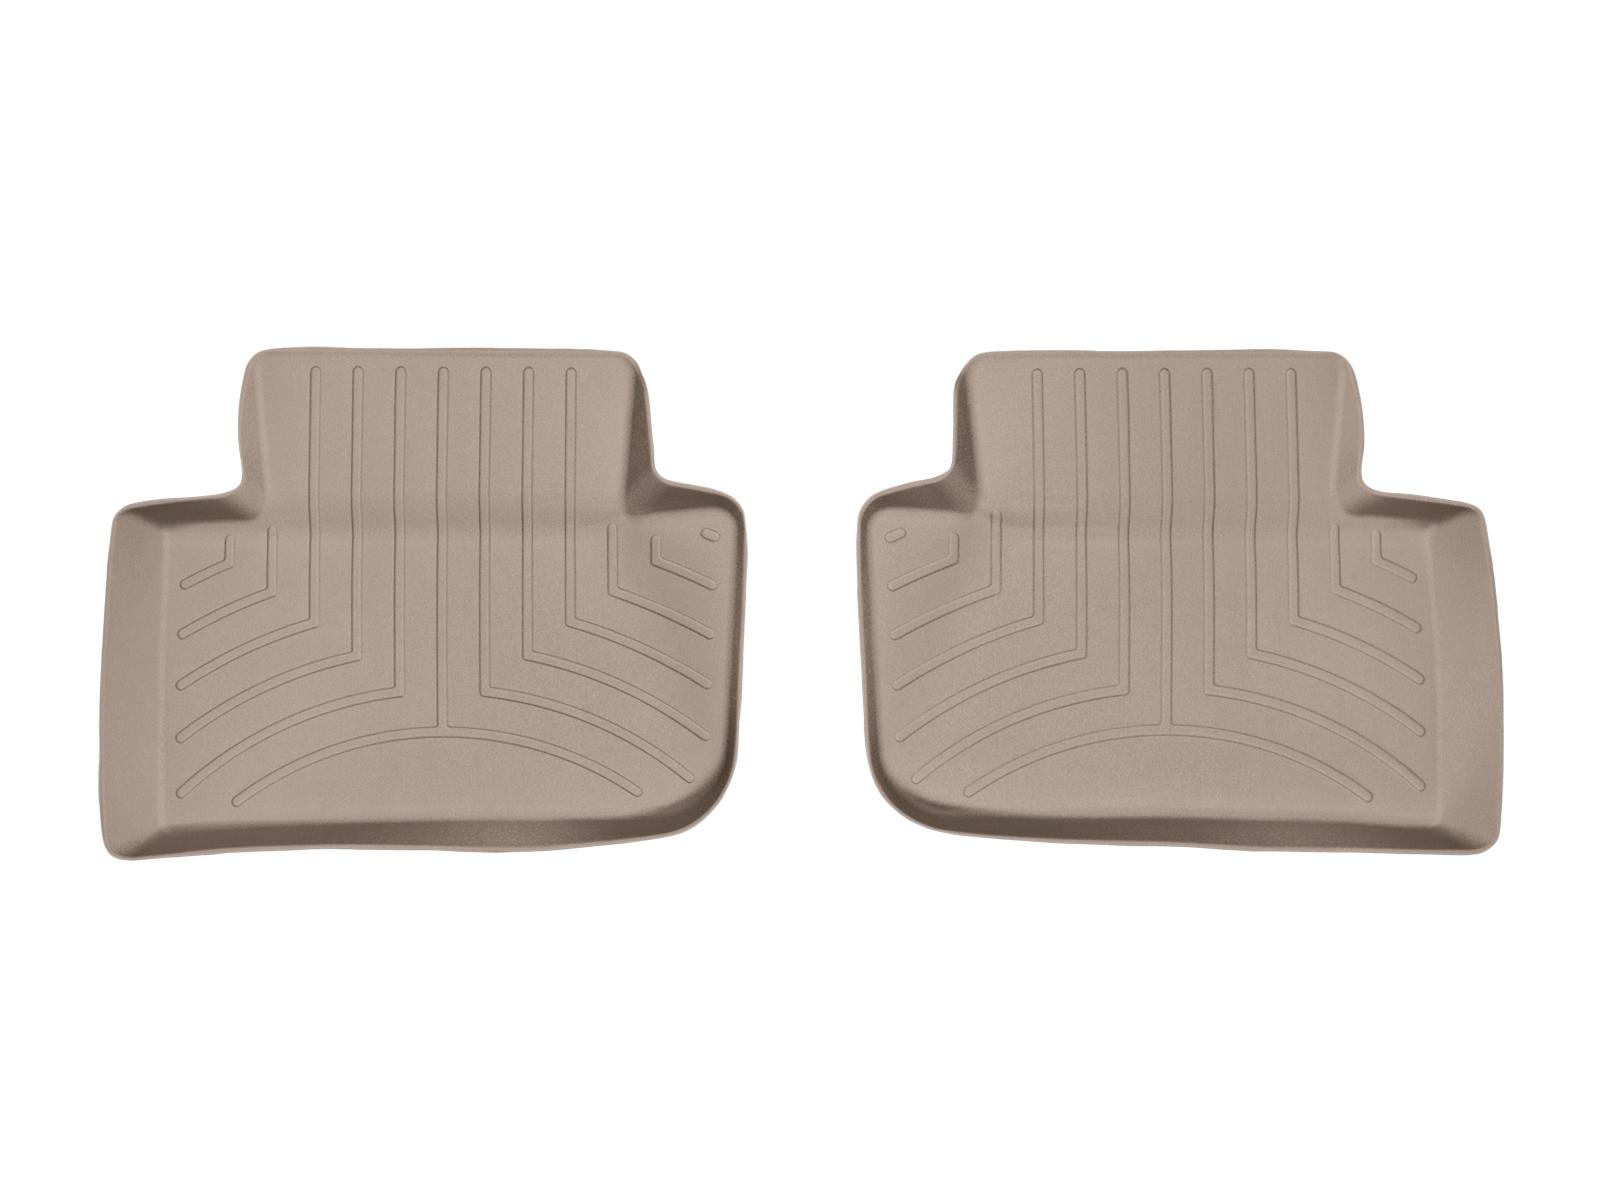 Tappeti gomma su misura bordo alto Porsche® Macan 14>17 Marrone A3166